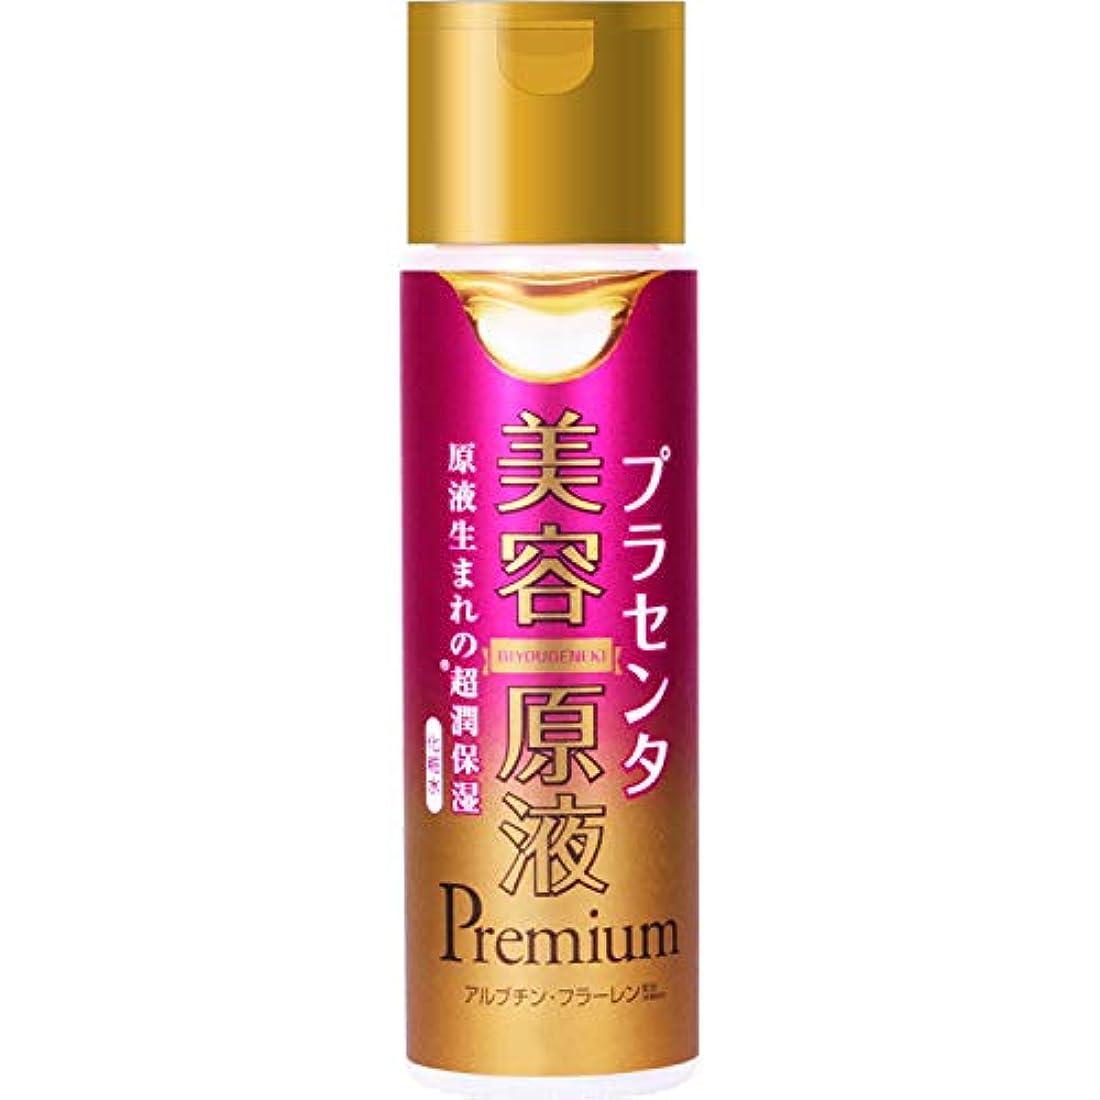 確認してください冷酷な遺産美容原液 超潤化粧水 アルブチン&プラセンタ 185mL (化粧水 くすみケア 高保湿)